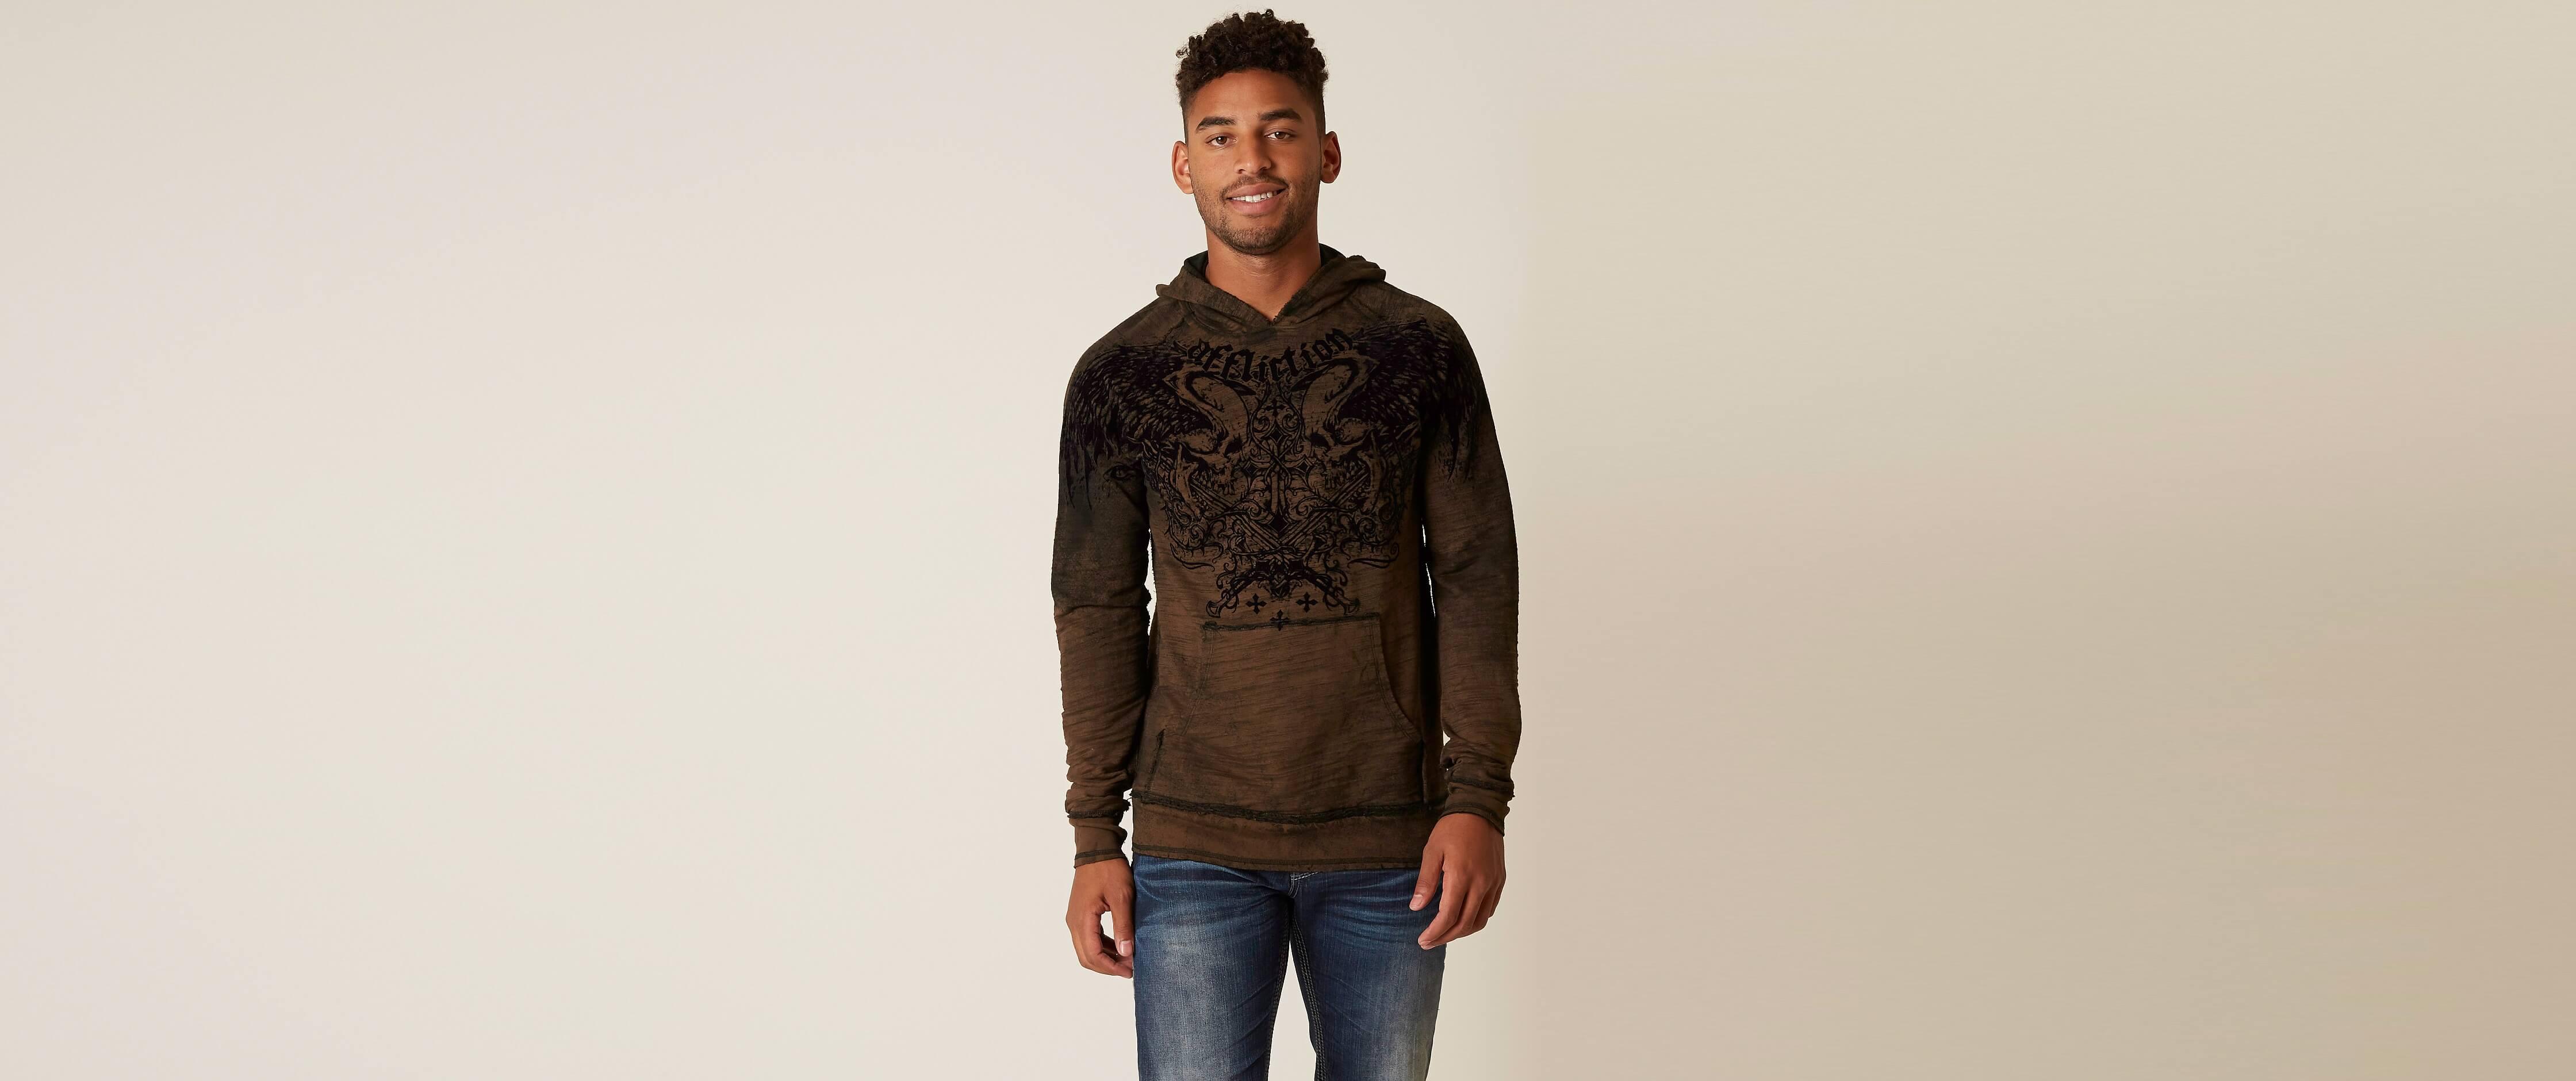 Affliction Sword Eater Reversible Sweatshirt